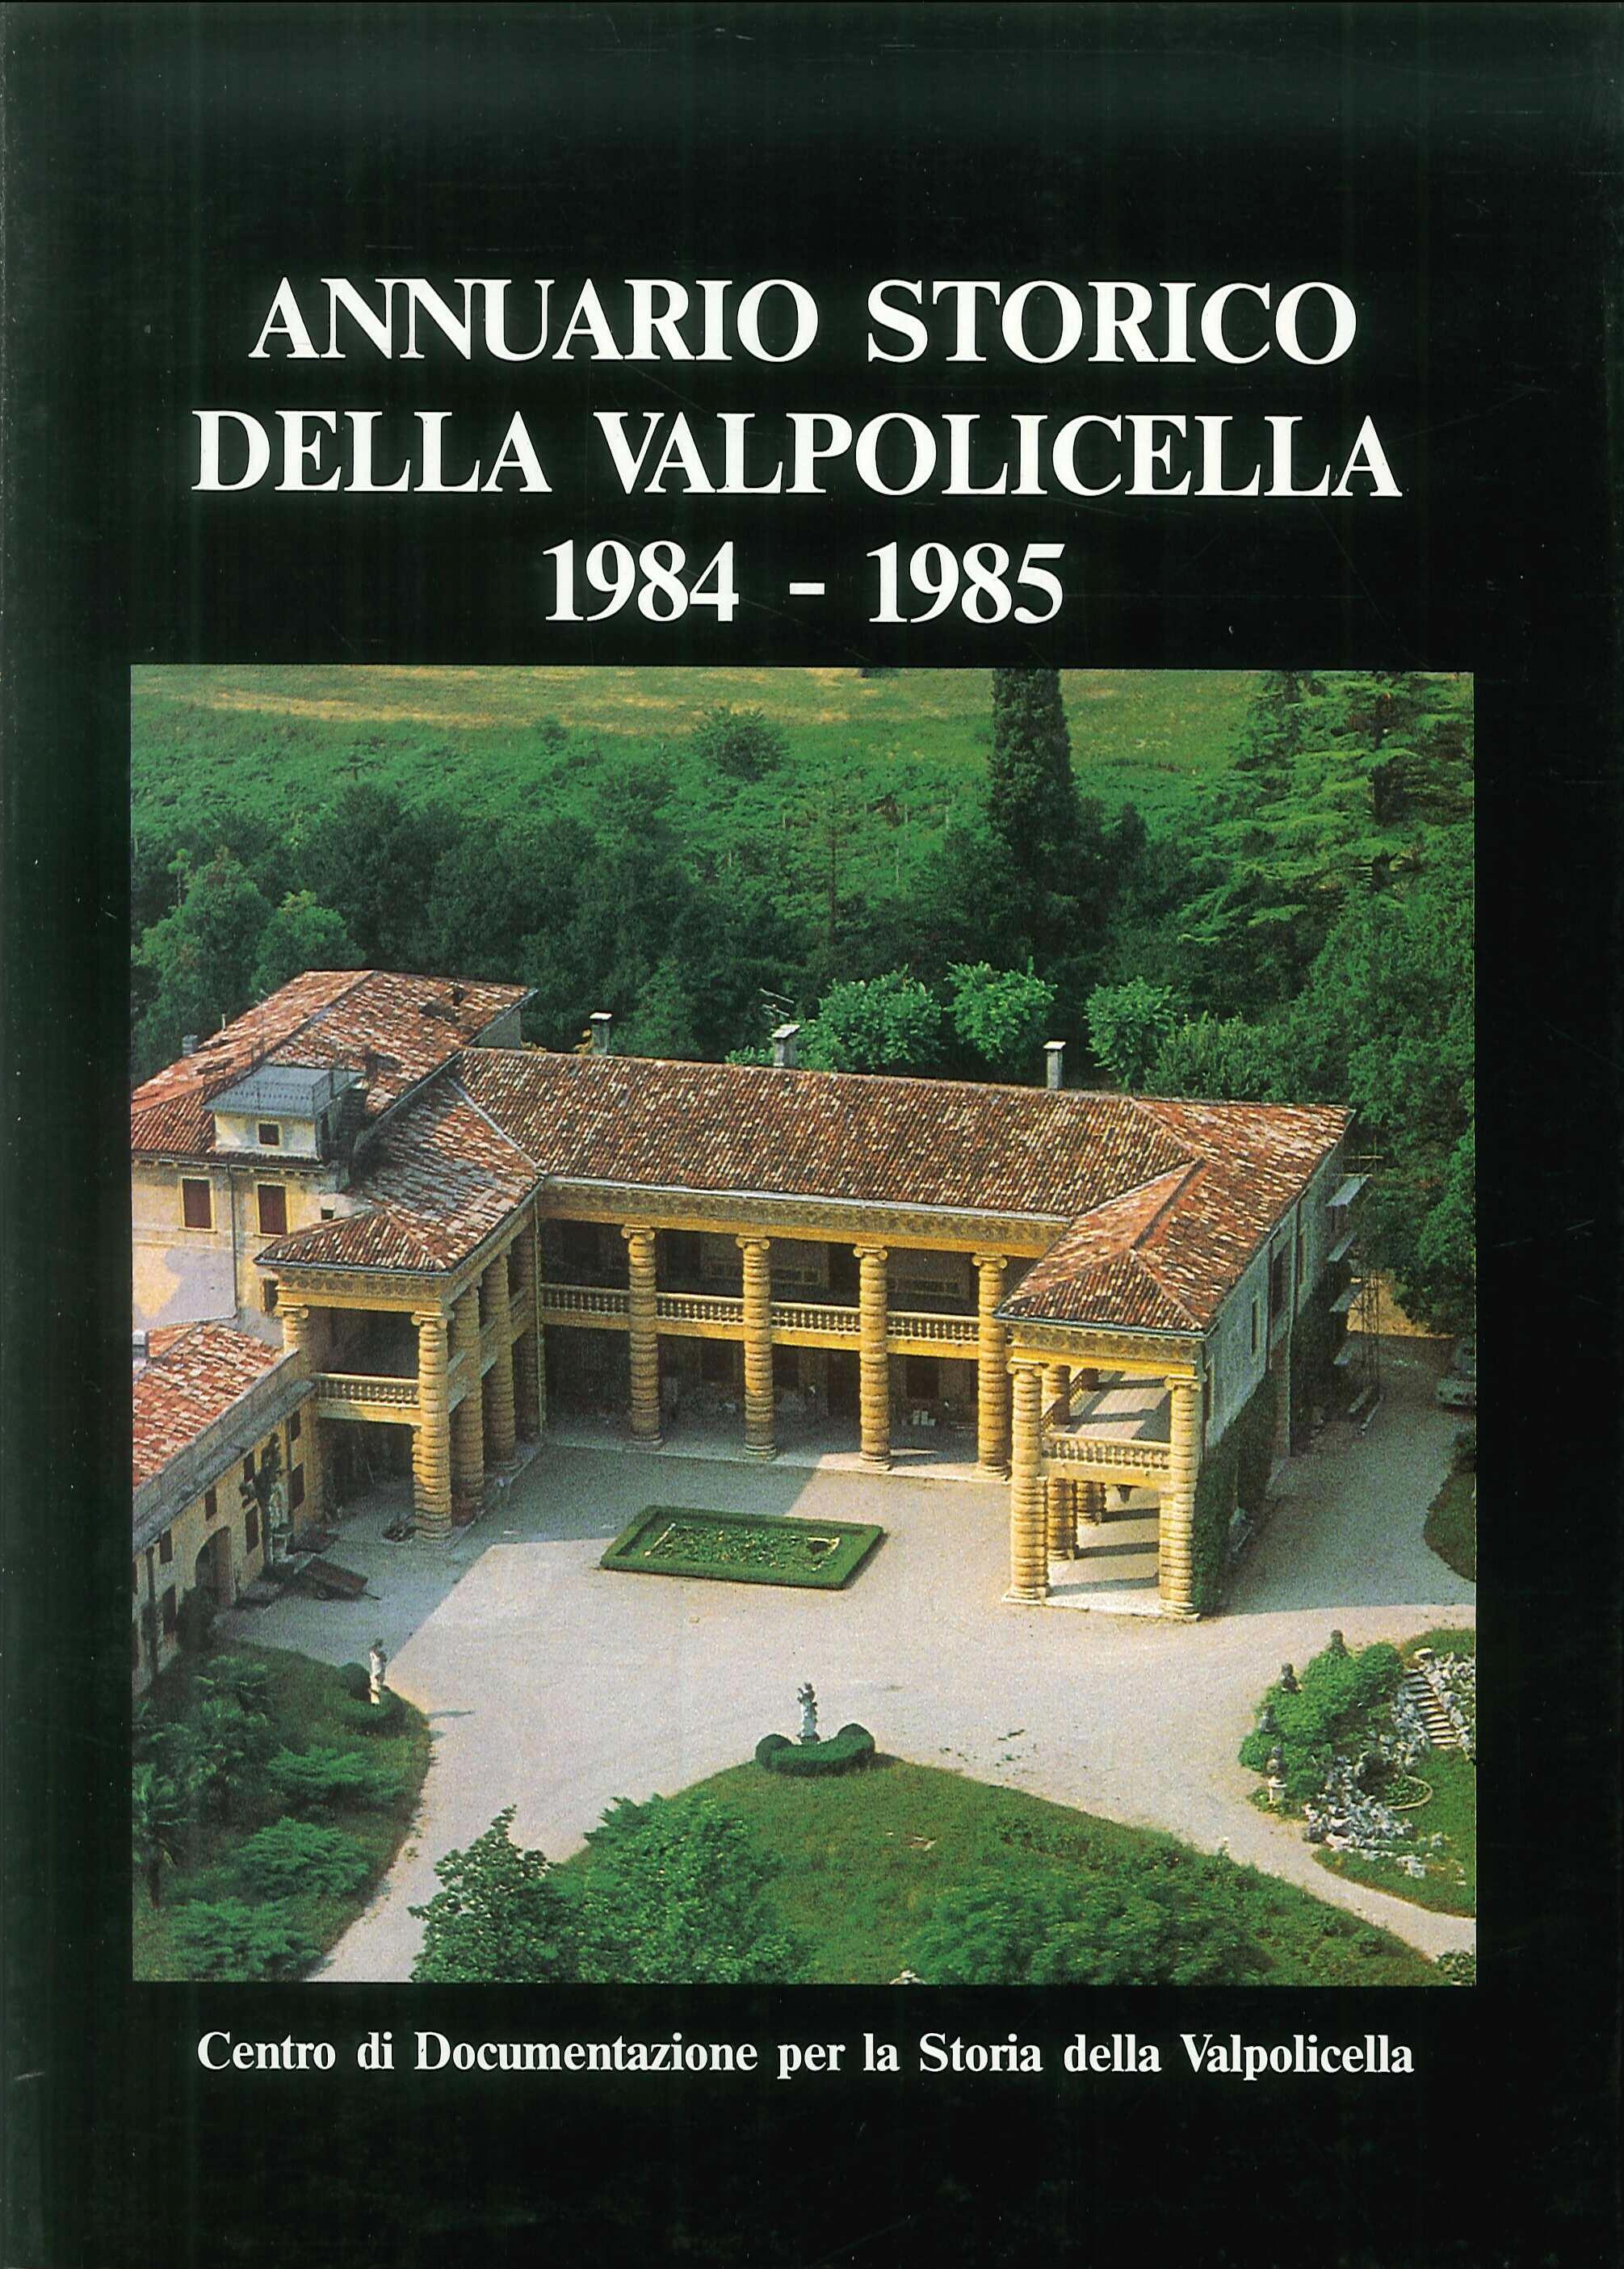 Annuario storico della Valpolicella 1984-1985